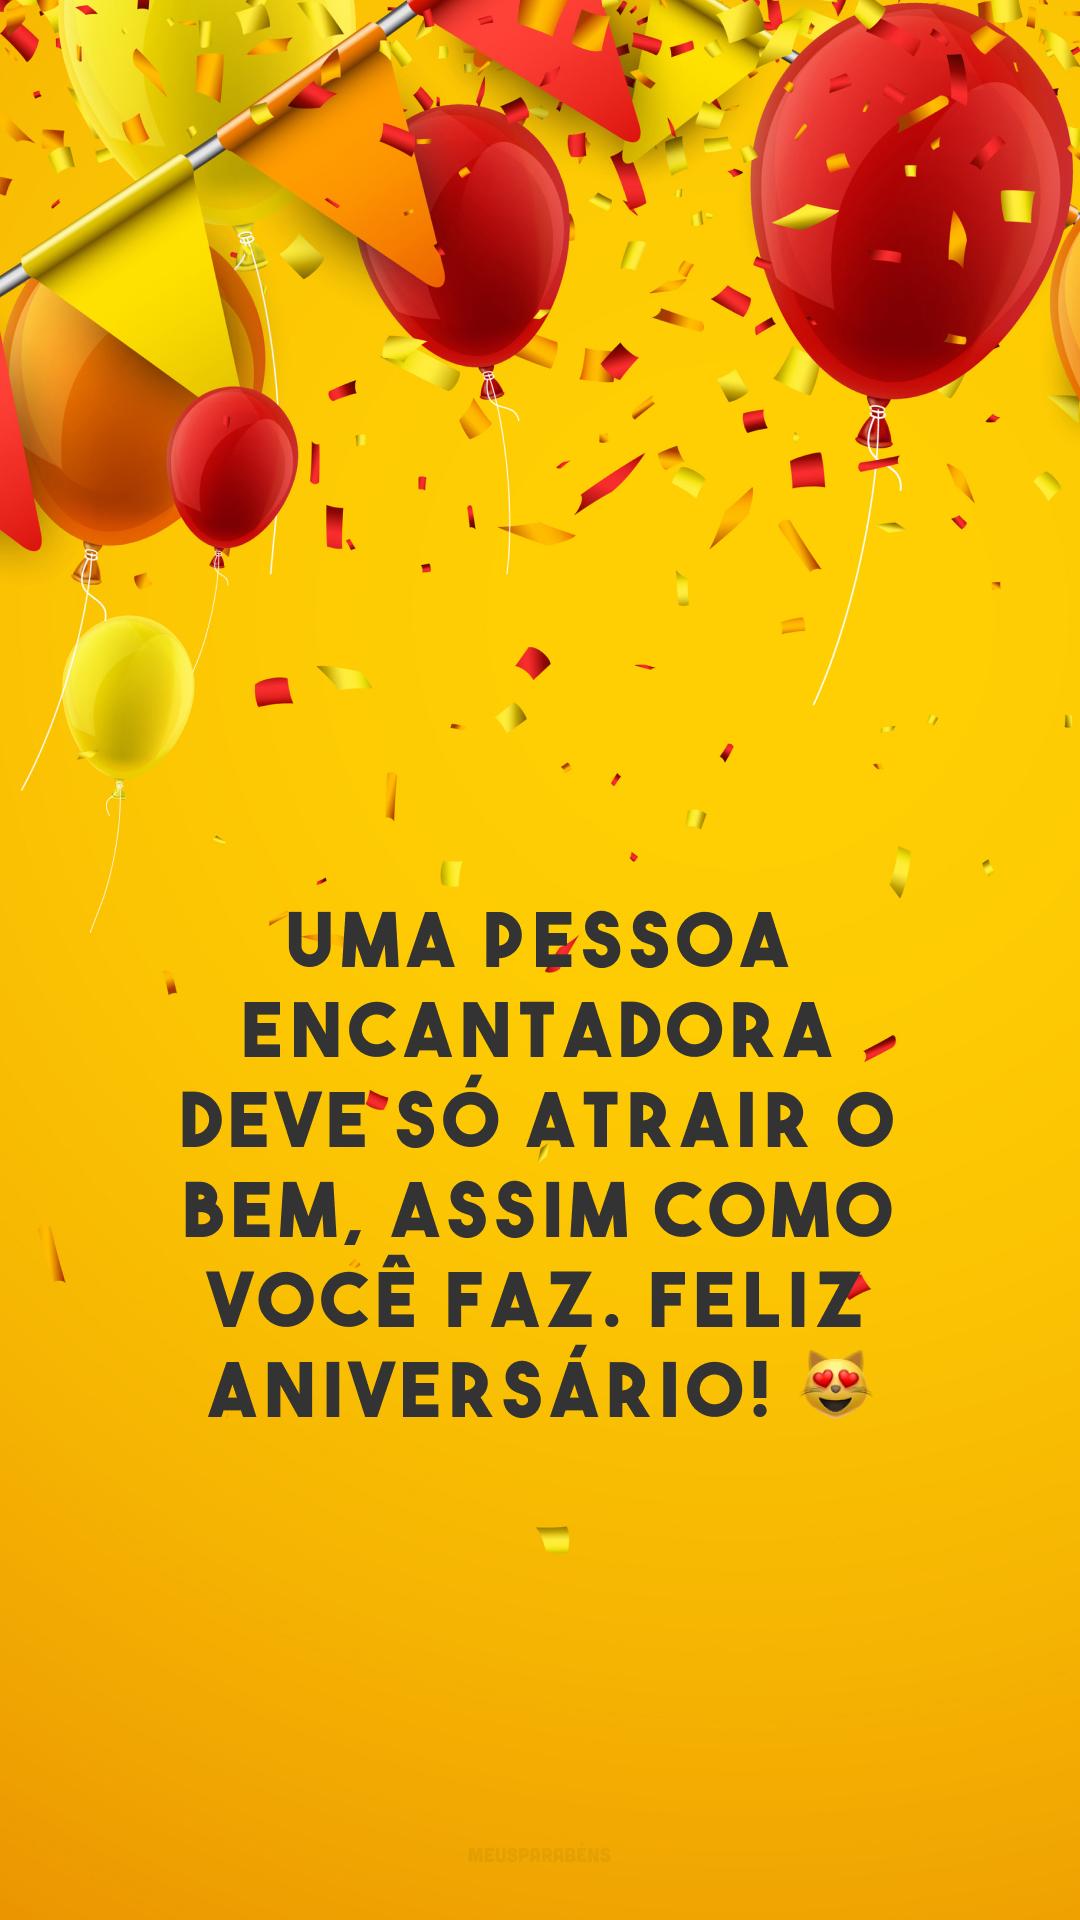 Uma pessoa encantadora deve só atrair o bem, assim como você faz. Feliz aniversário! 😻